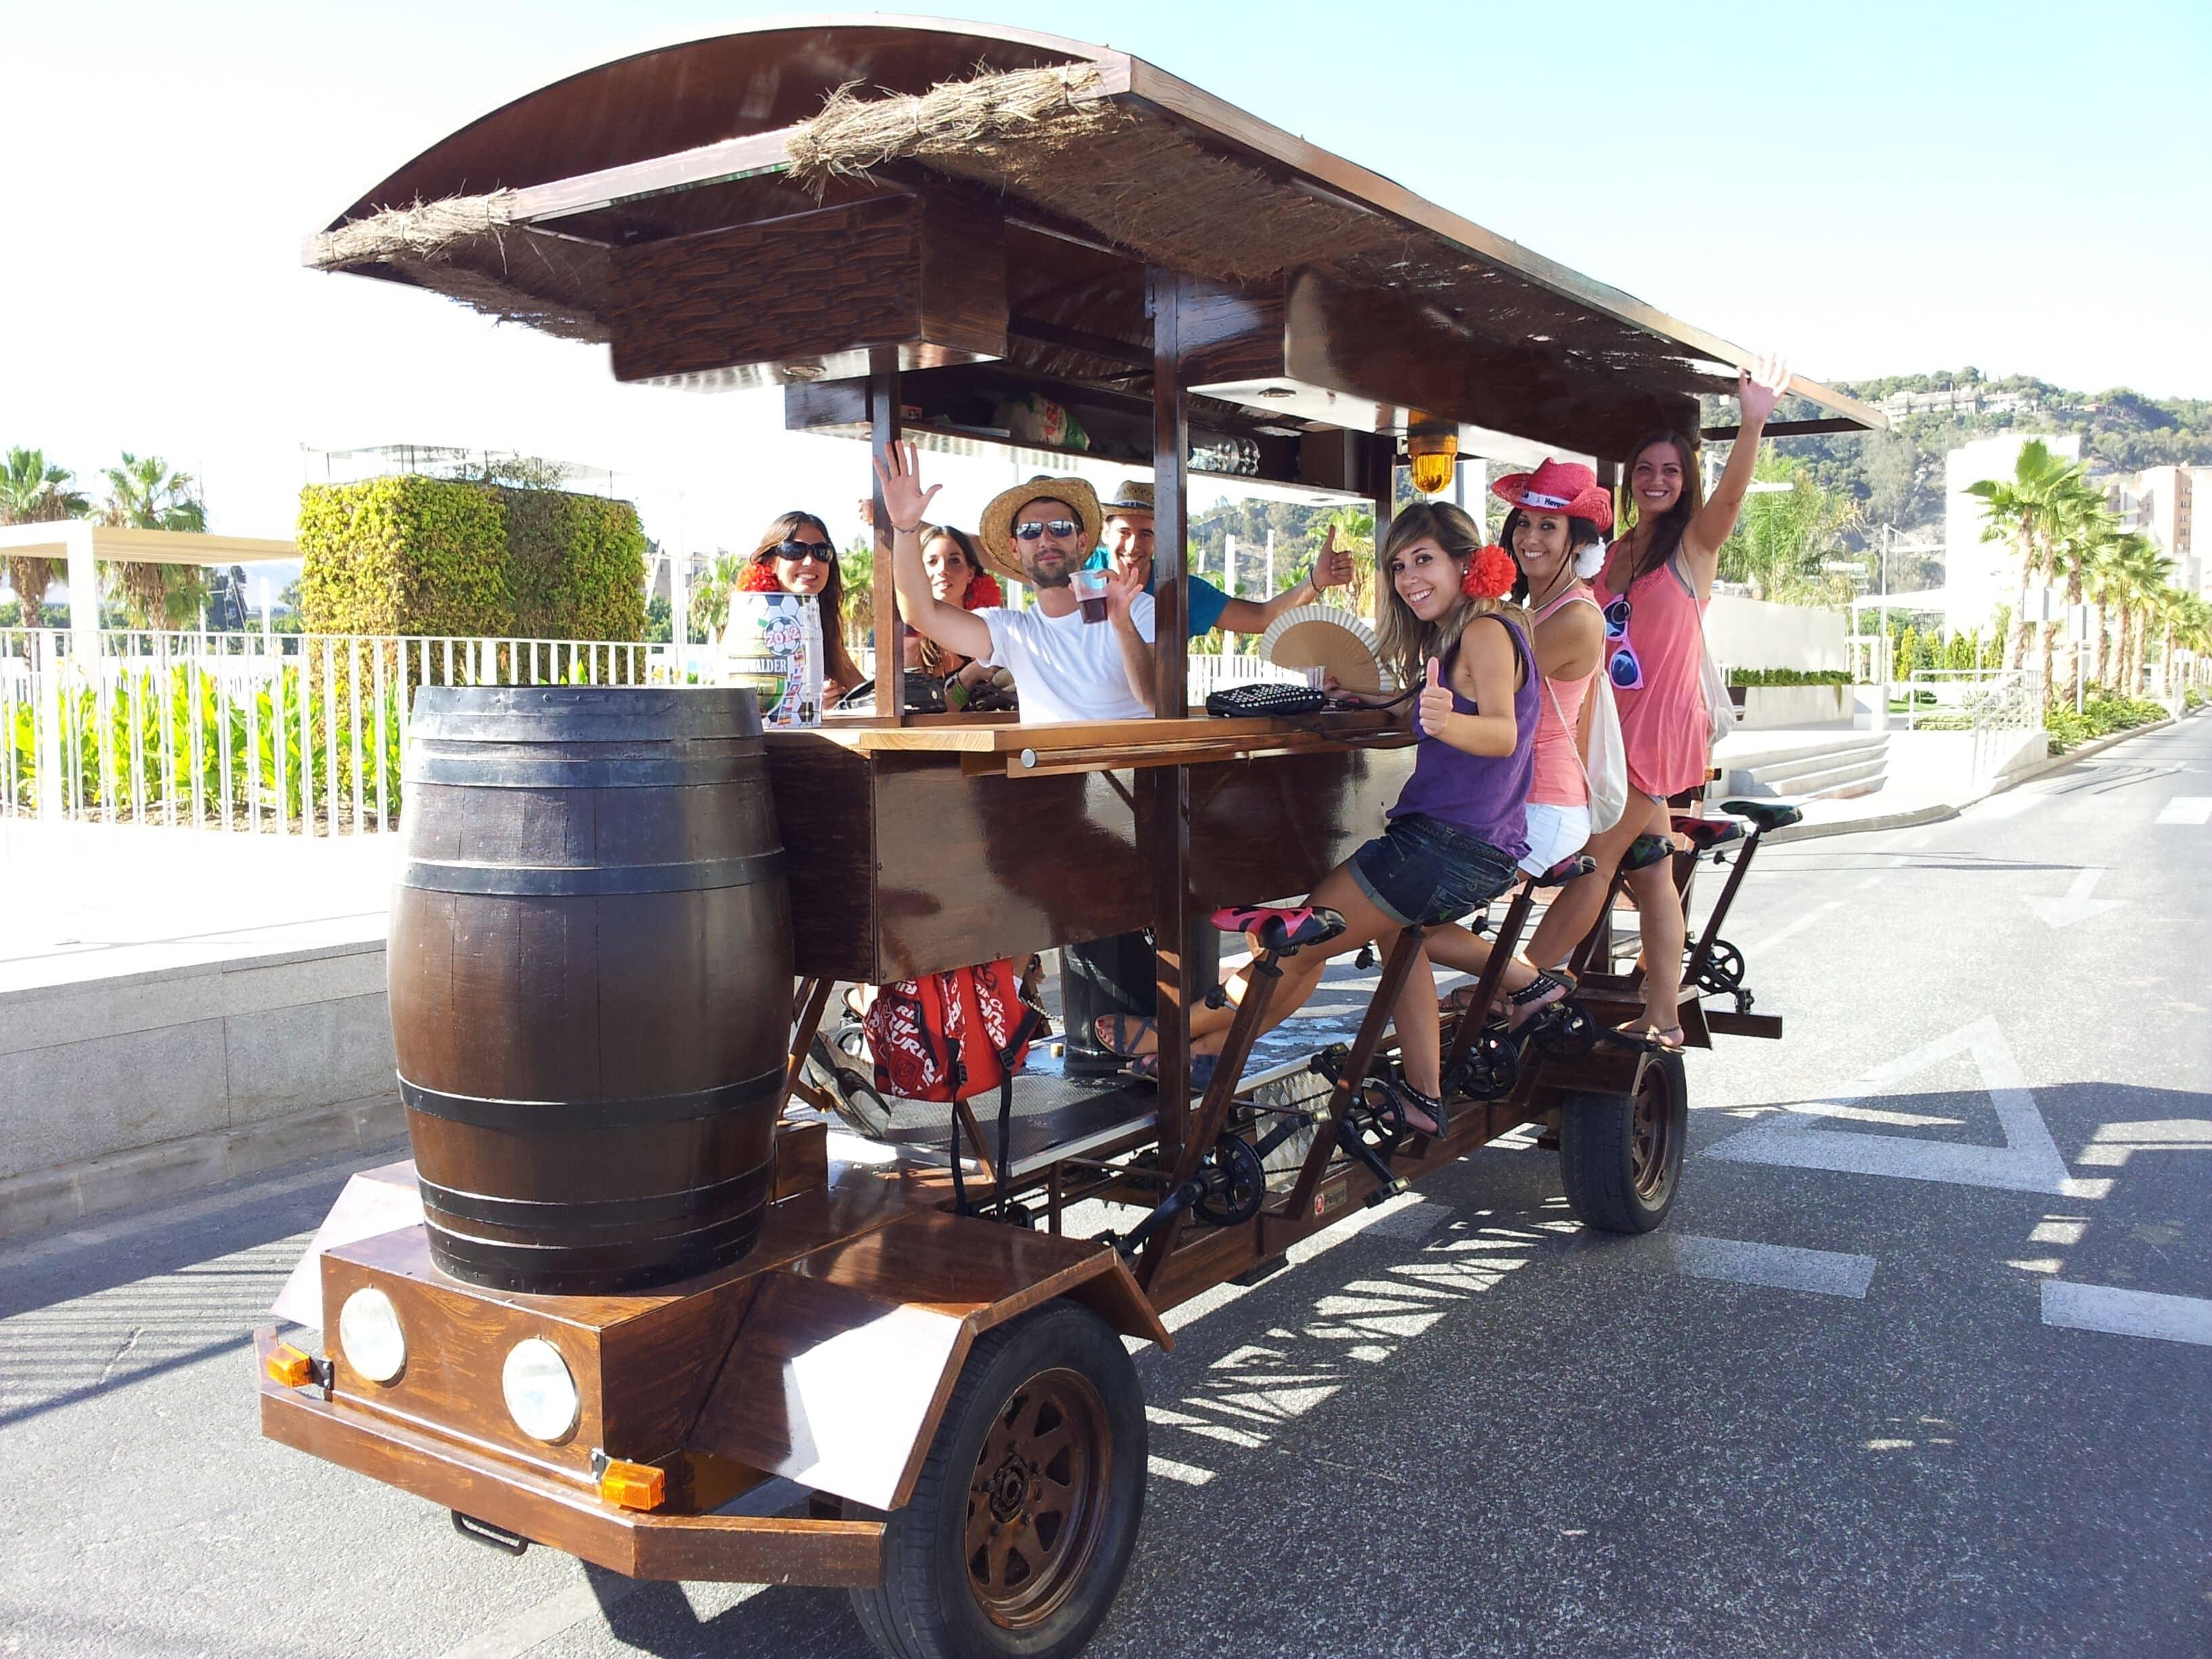 Beer Bike imagen 4